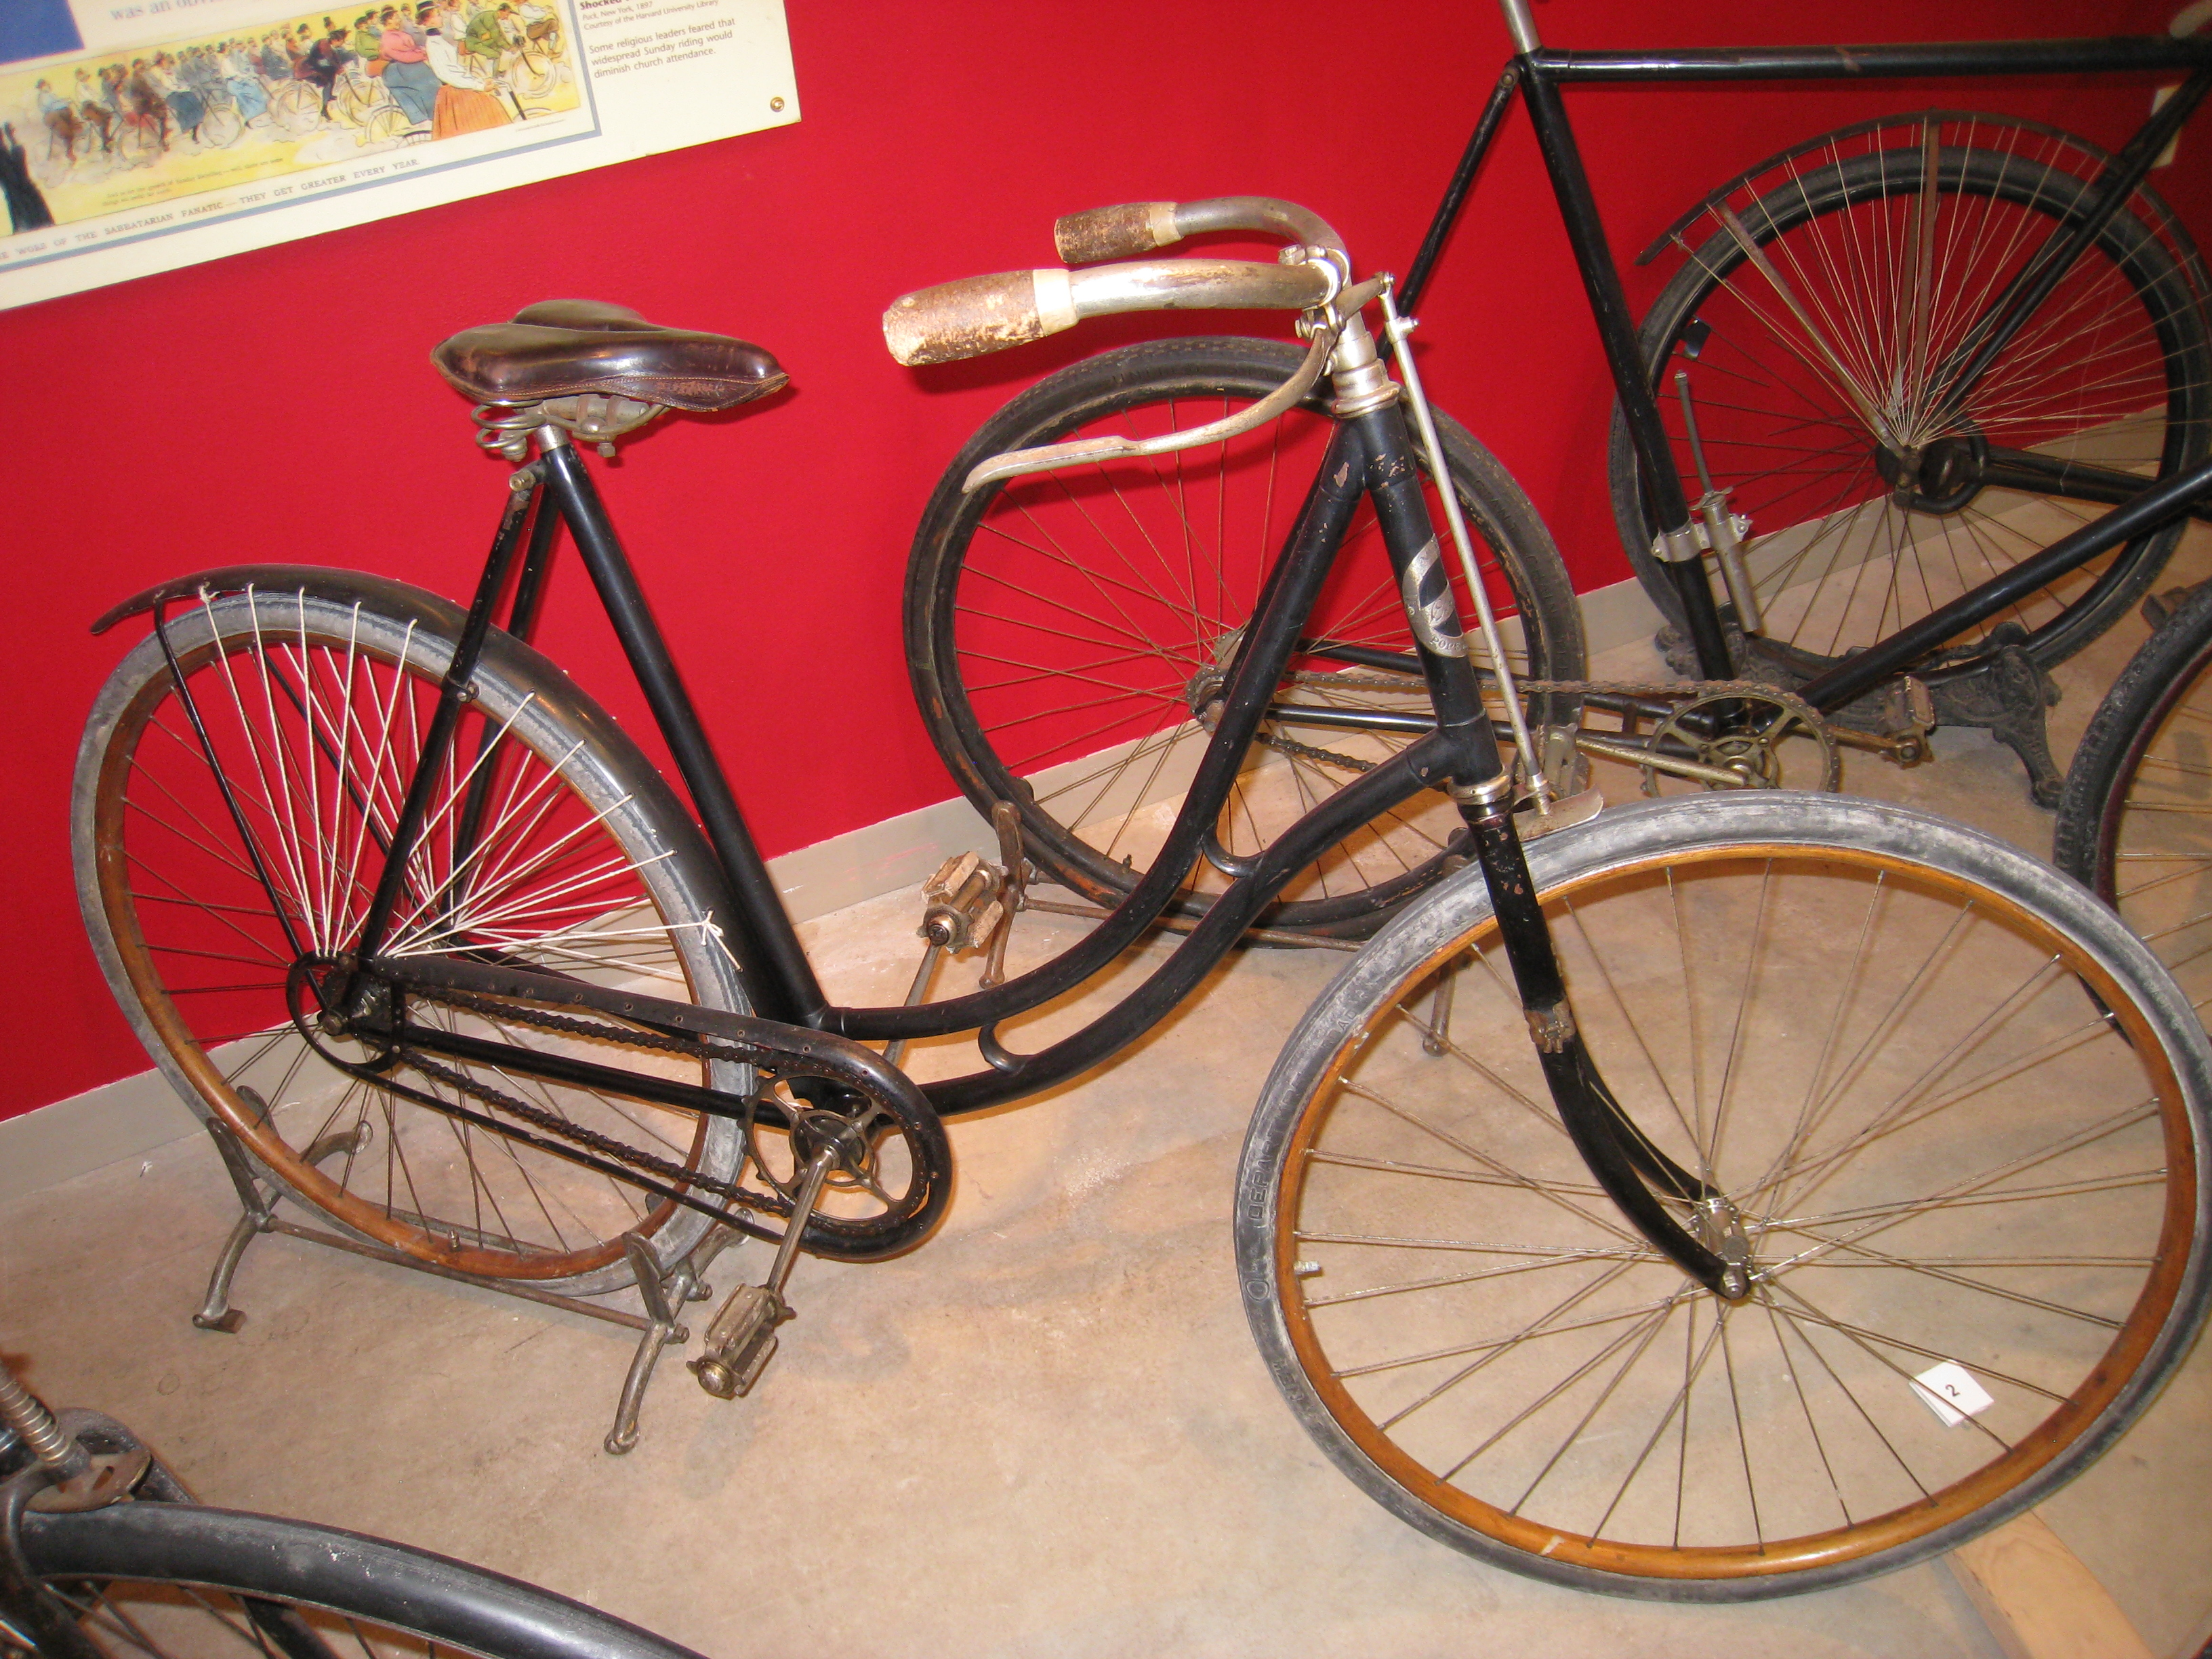 Yale vintage bicycles